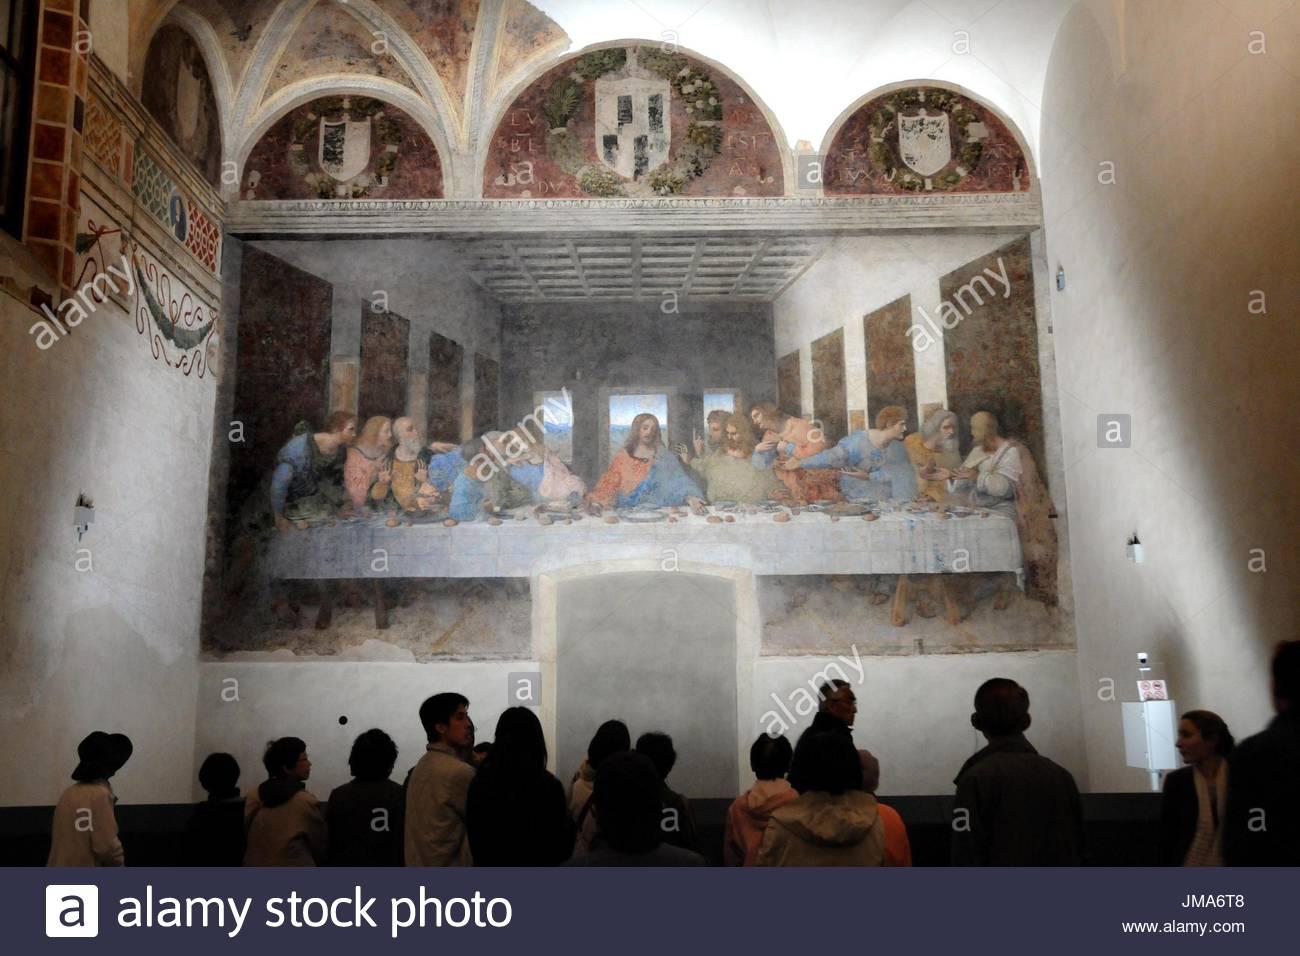 the last supper by leonardo da vinci essay Art painting religion essays - leonardo da vinci's the last supper.